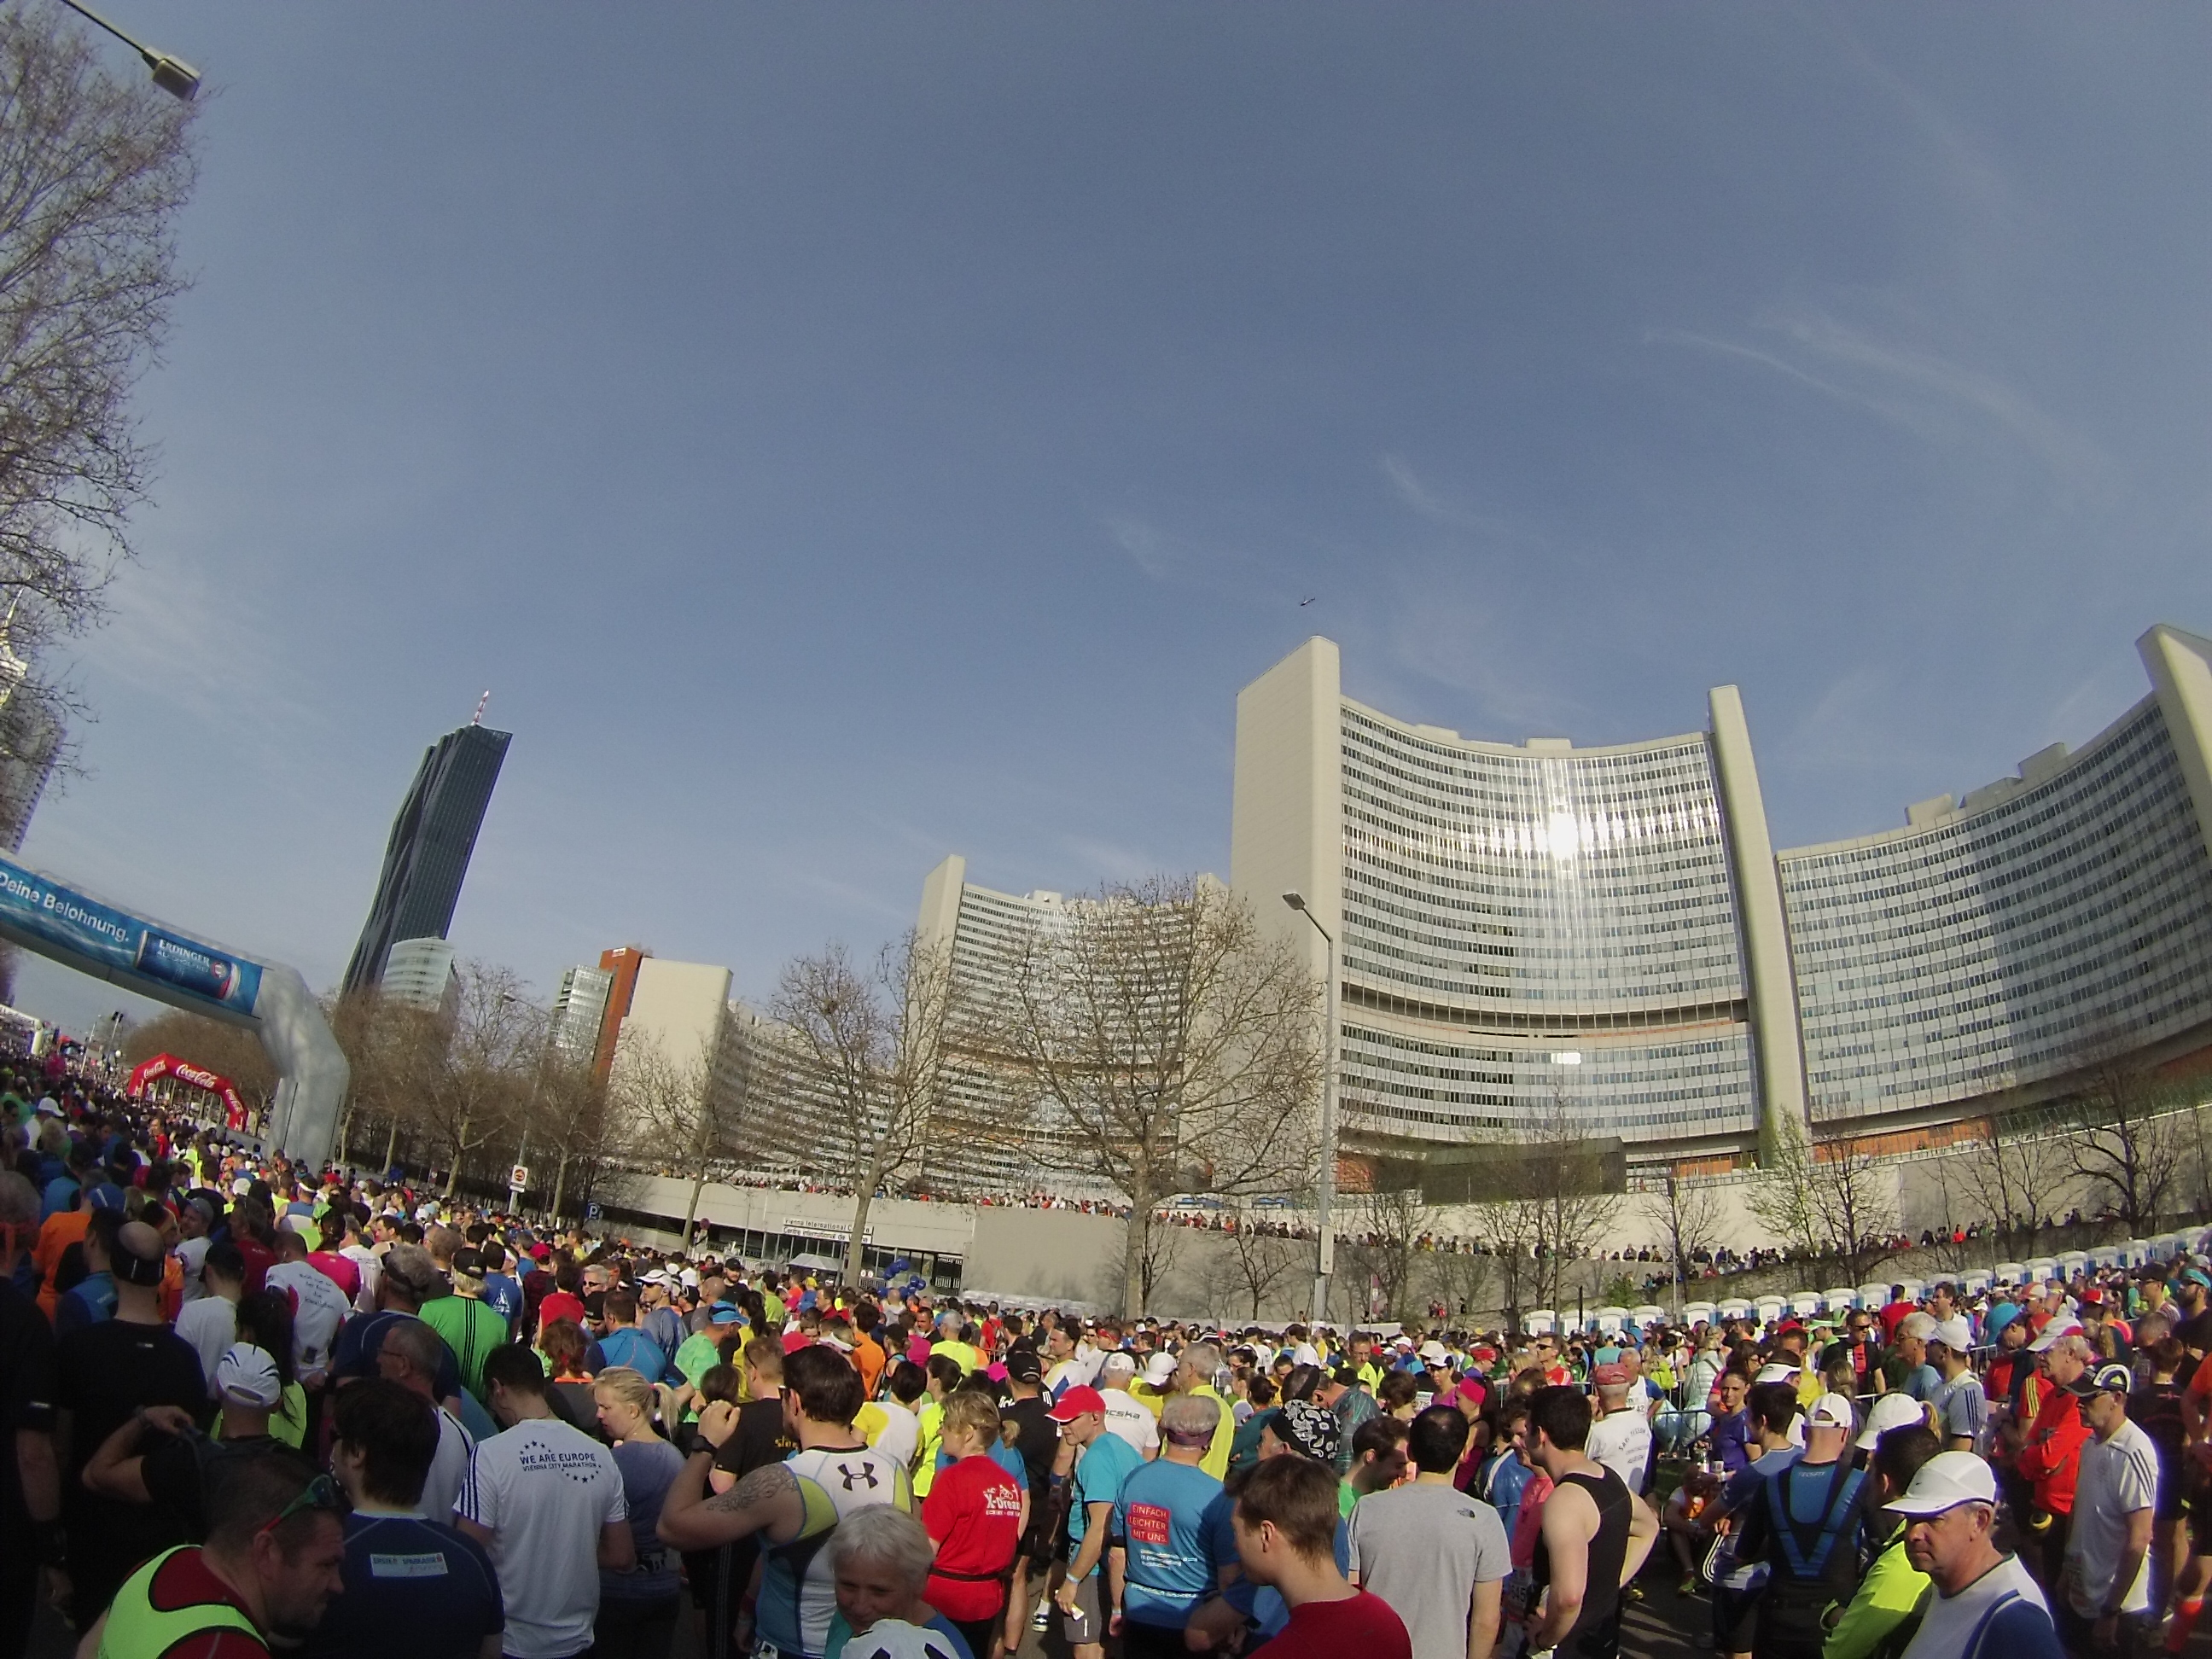 3. Marathon in FiveFingers